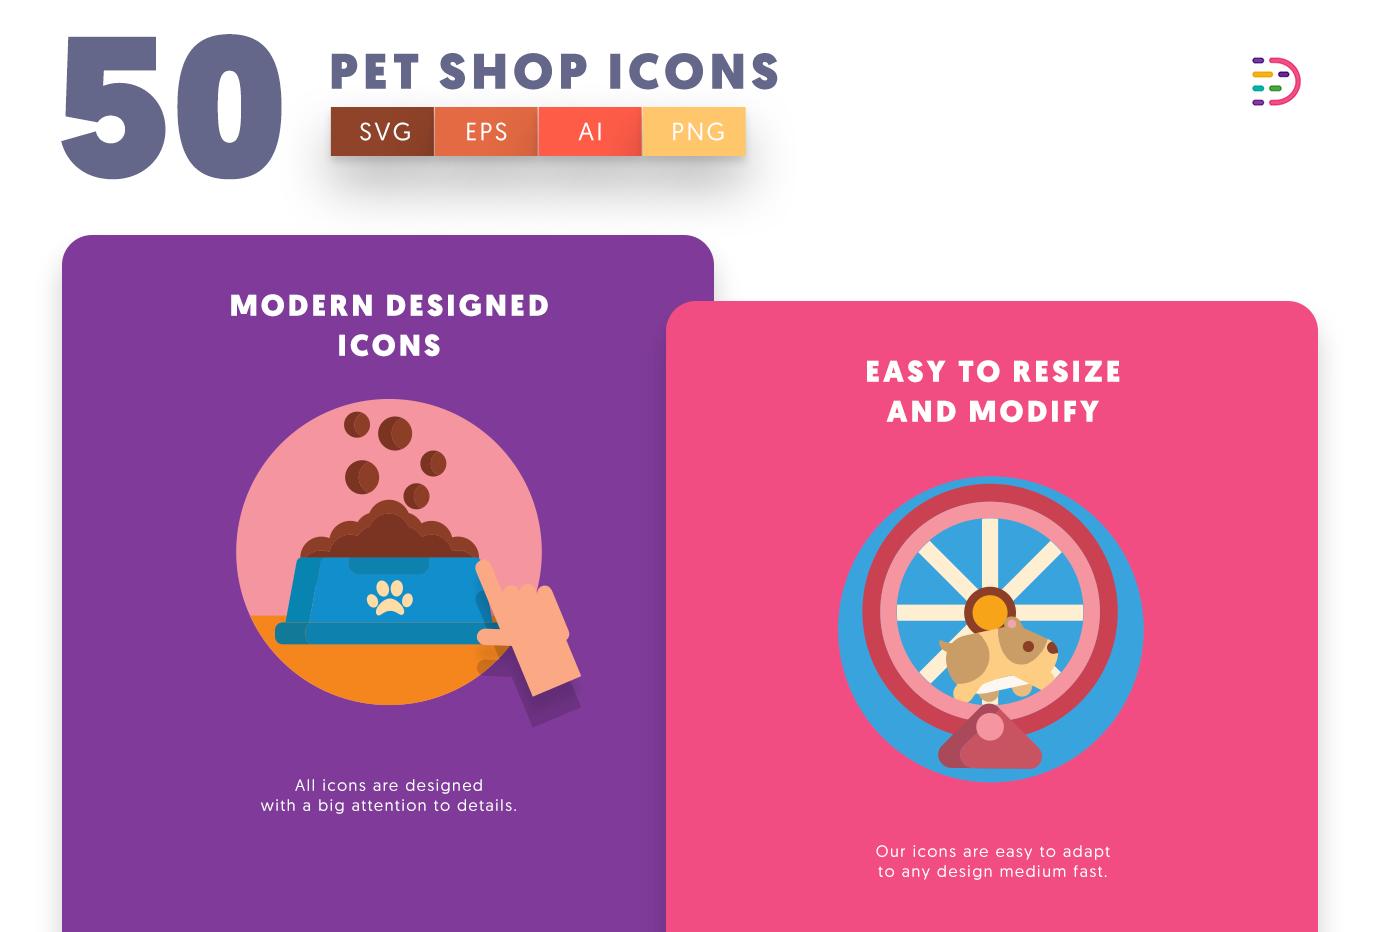 Design ready 50 Petshop Icons